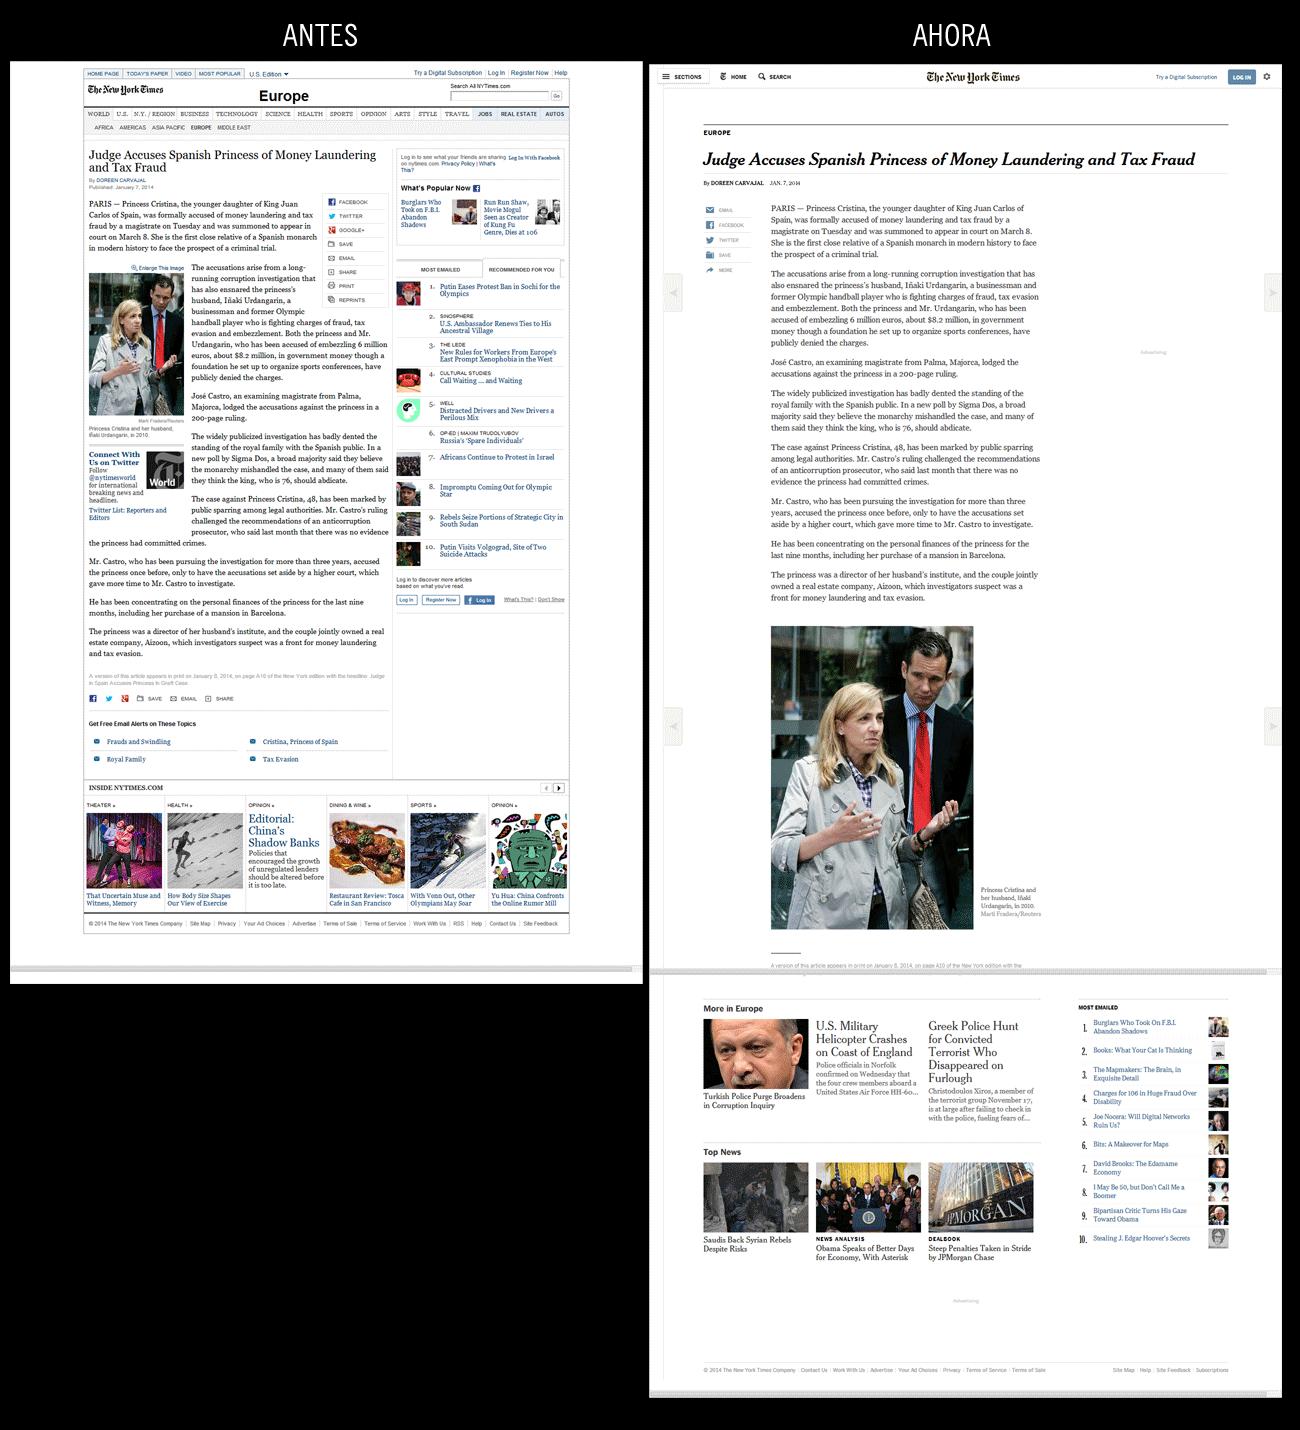 Noticia en NYTimes.com (2014/1/8), antes y después del rediseño